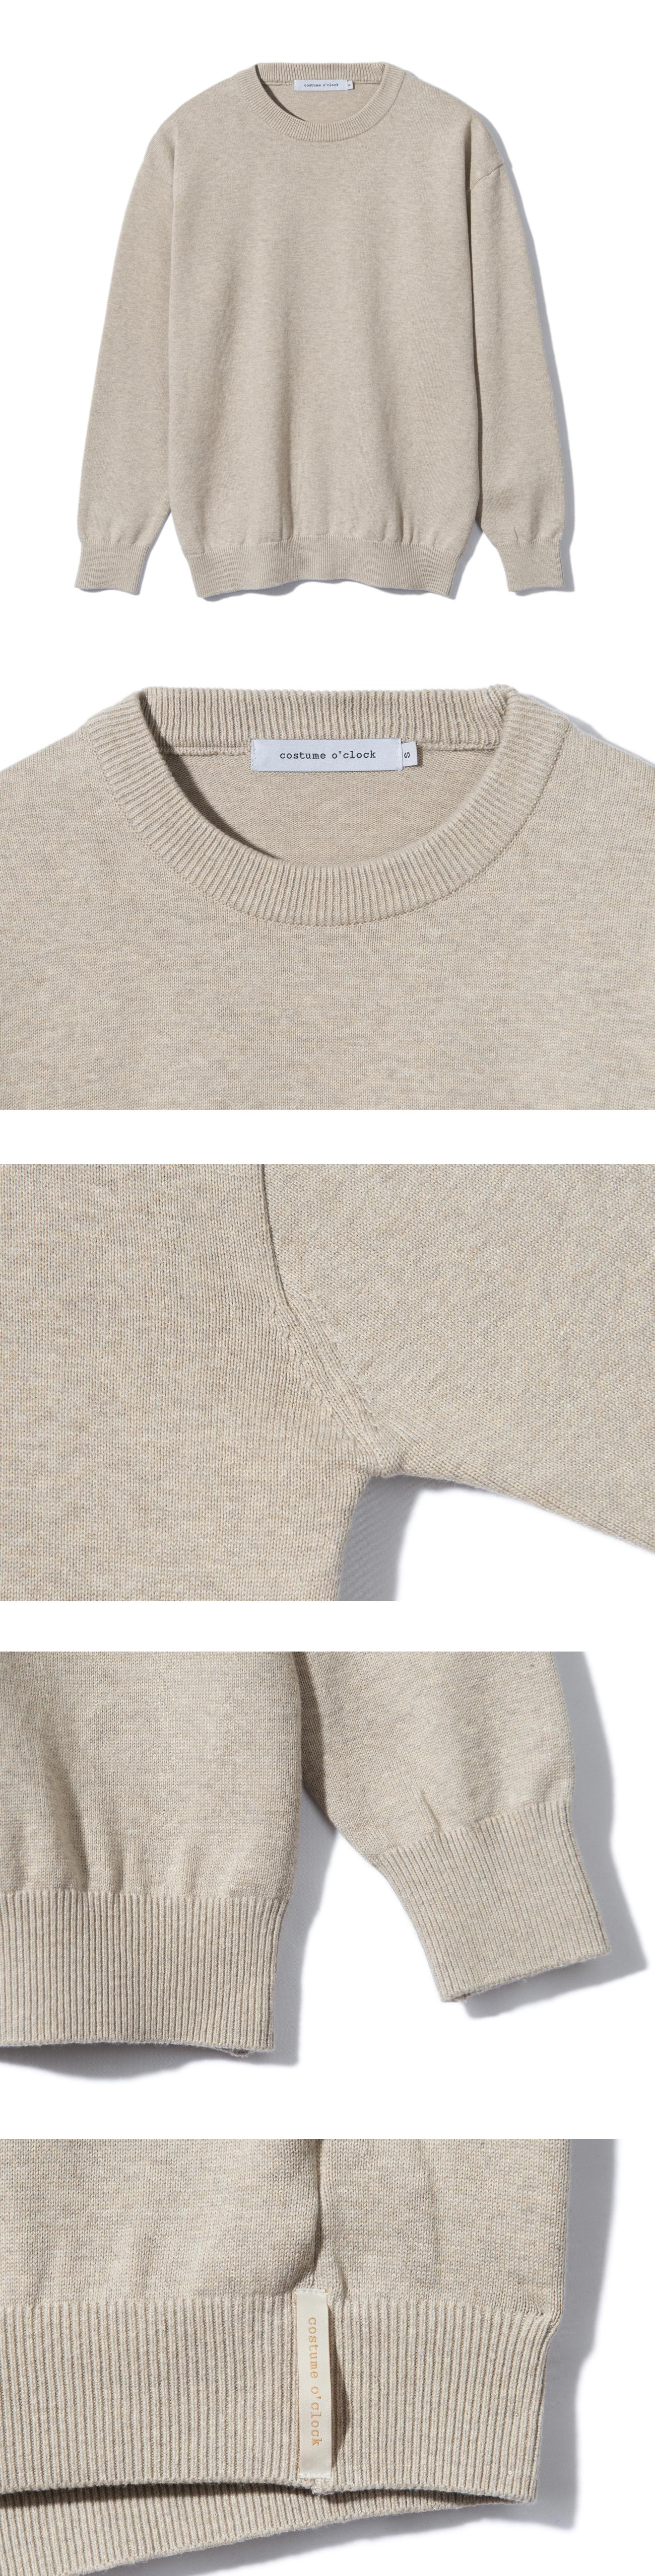 커스텀어클락(COSTUME O'CLOCK) 소프트 코튼 크루넥 니트 오트밀